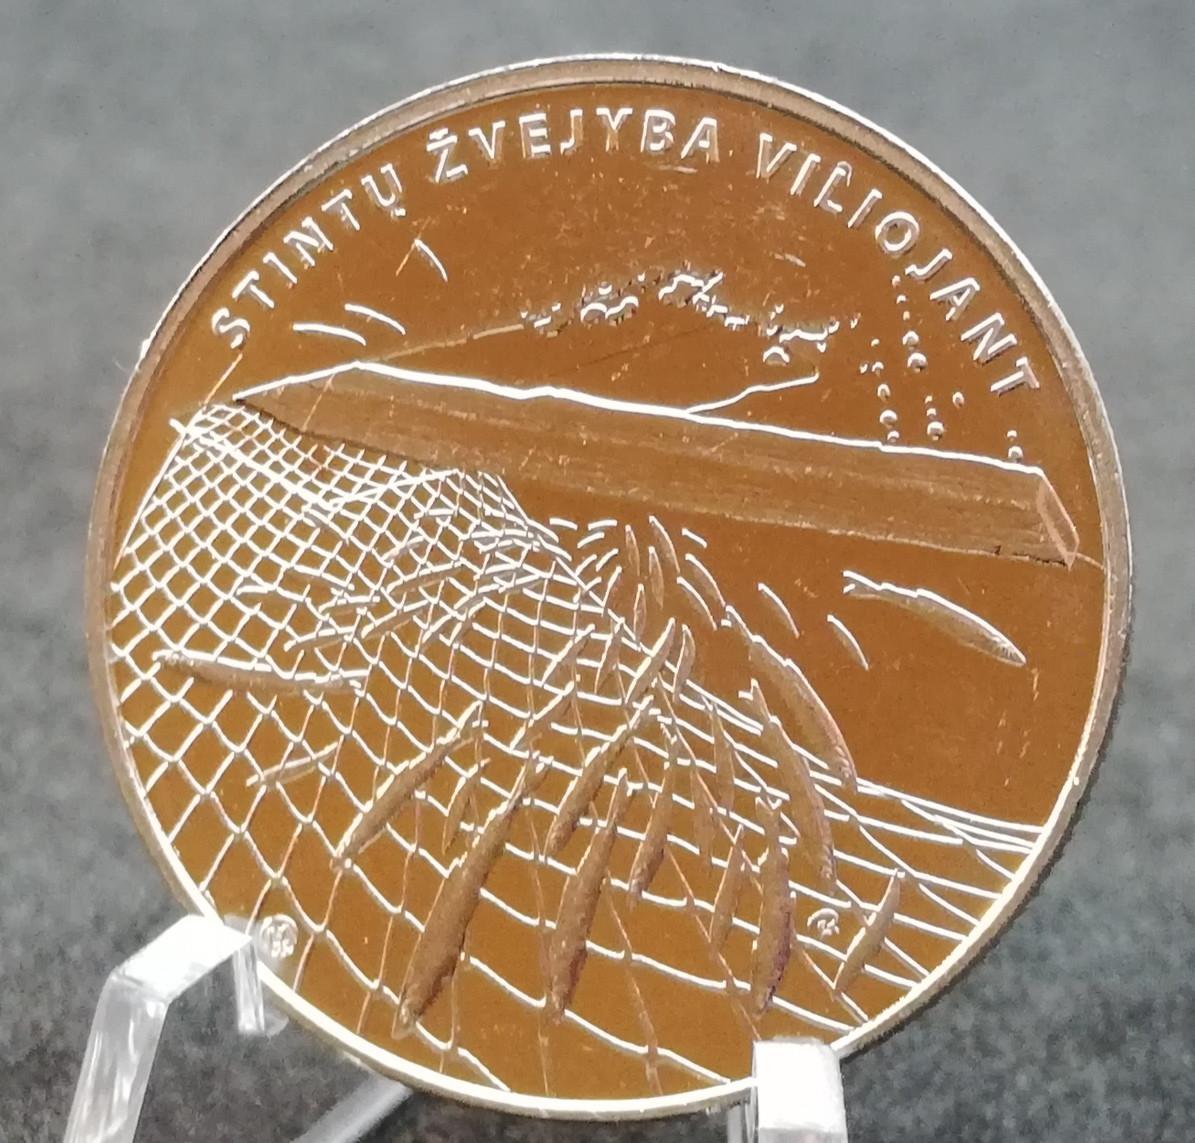 Stintų žvejyba 1½ euro